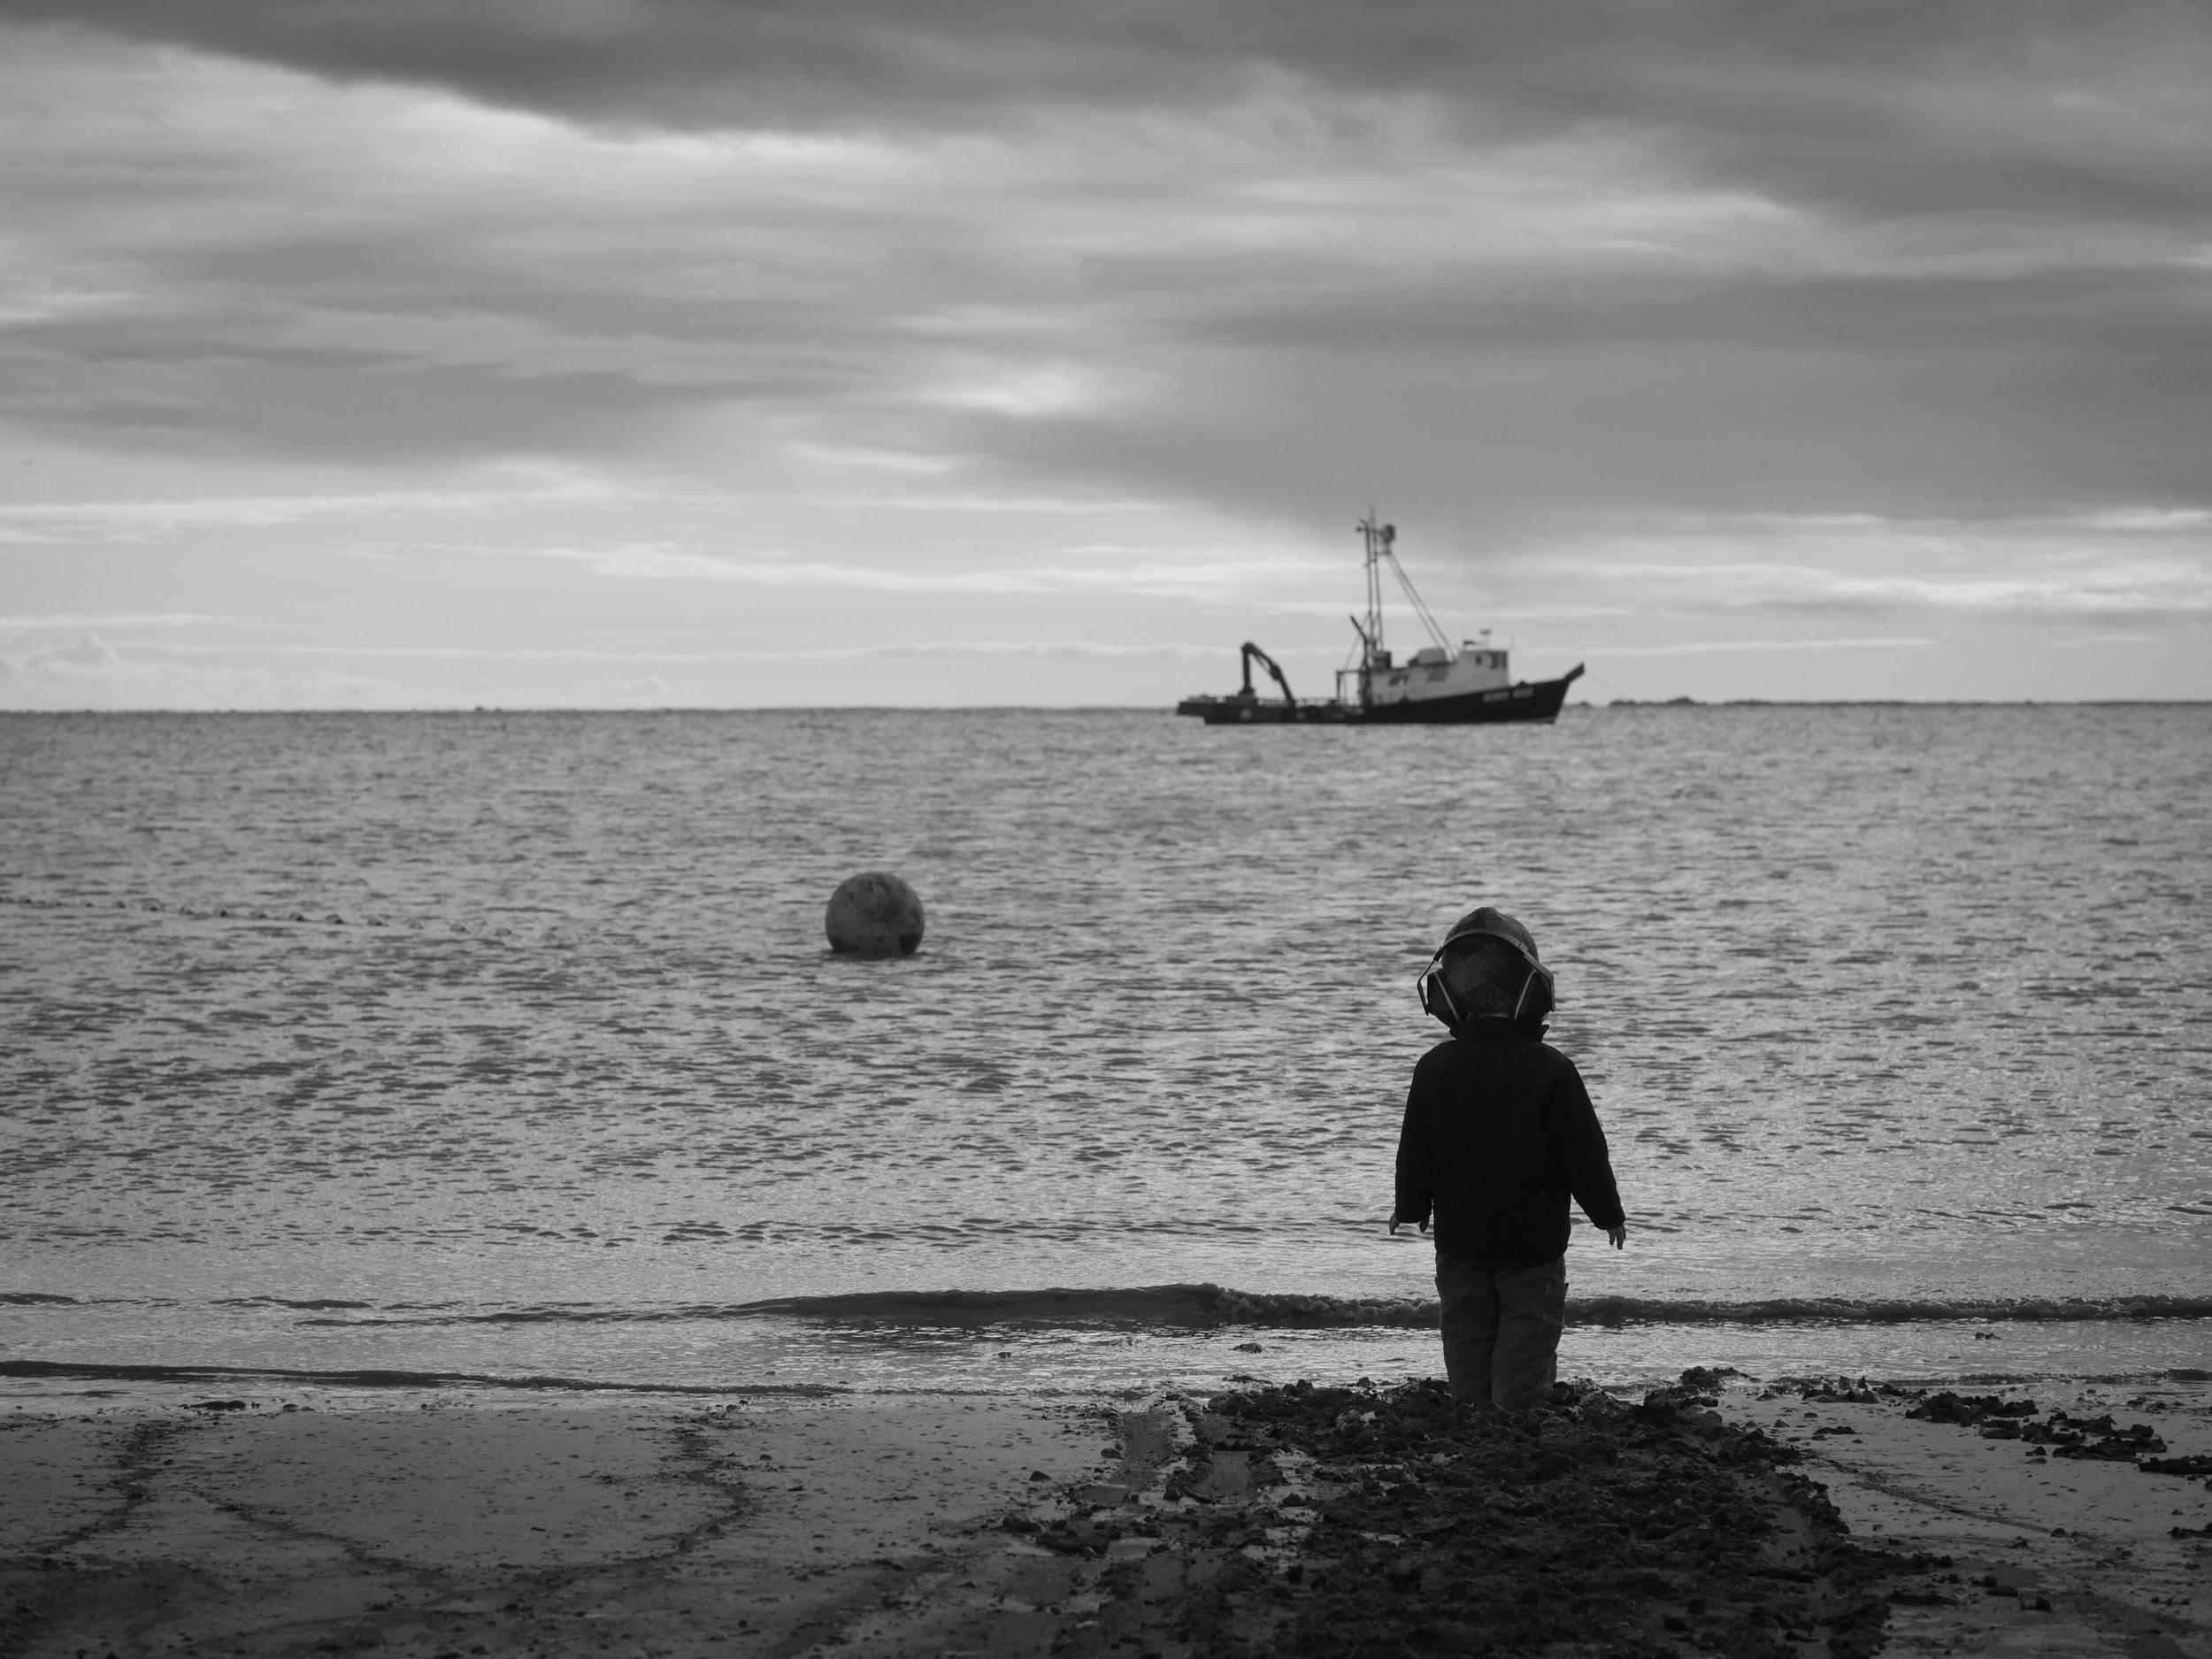 2016_06_30_Alaska_Fishing_Net on Beach_GH4_STILLS_0004.jpg